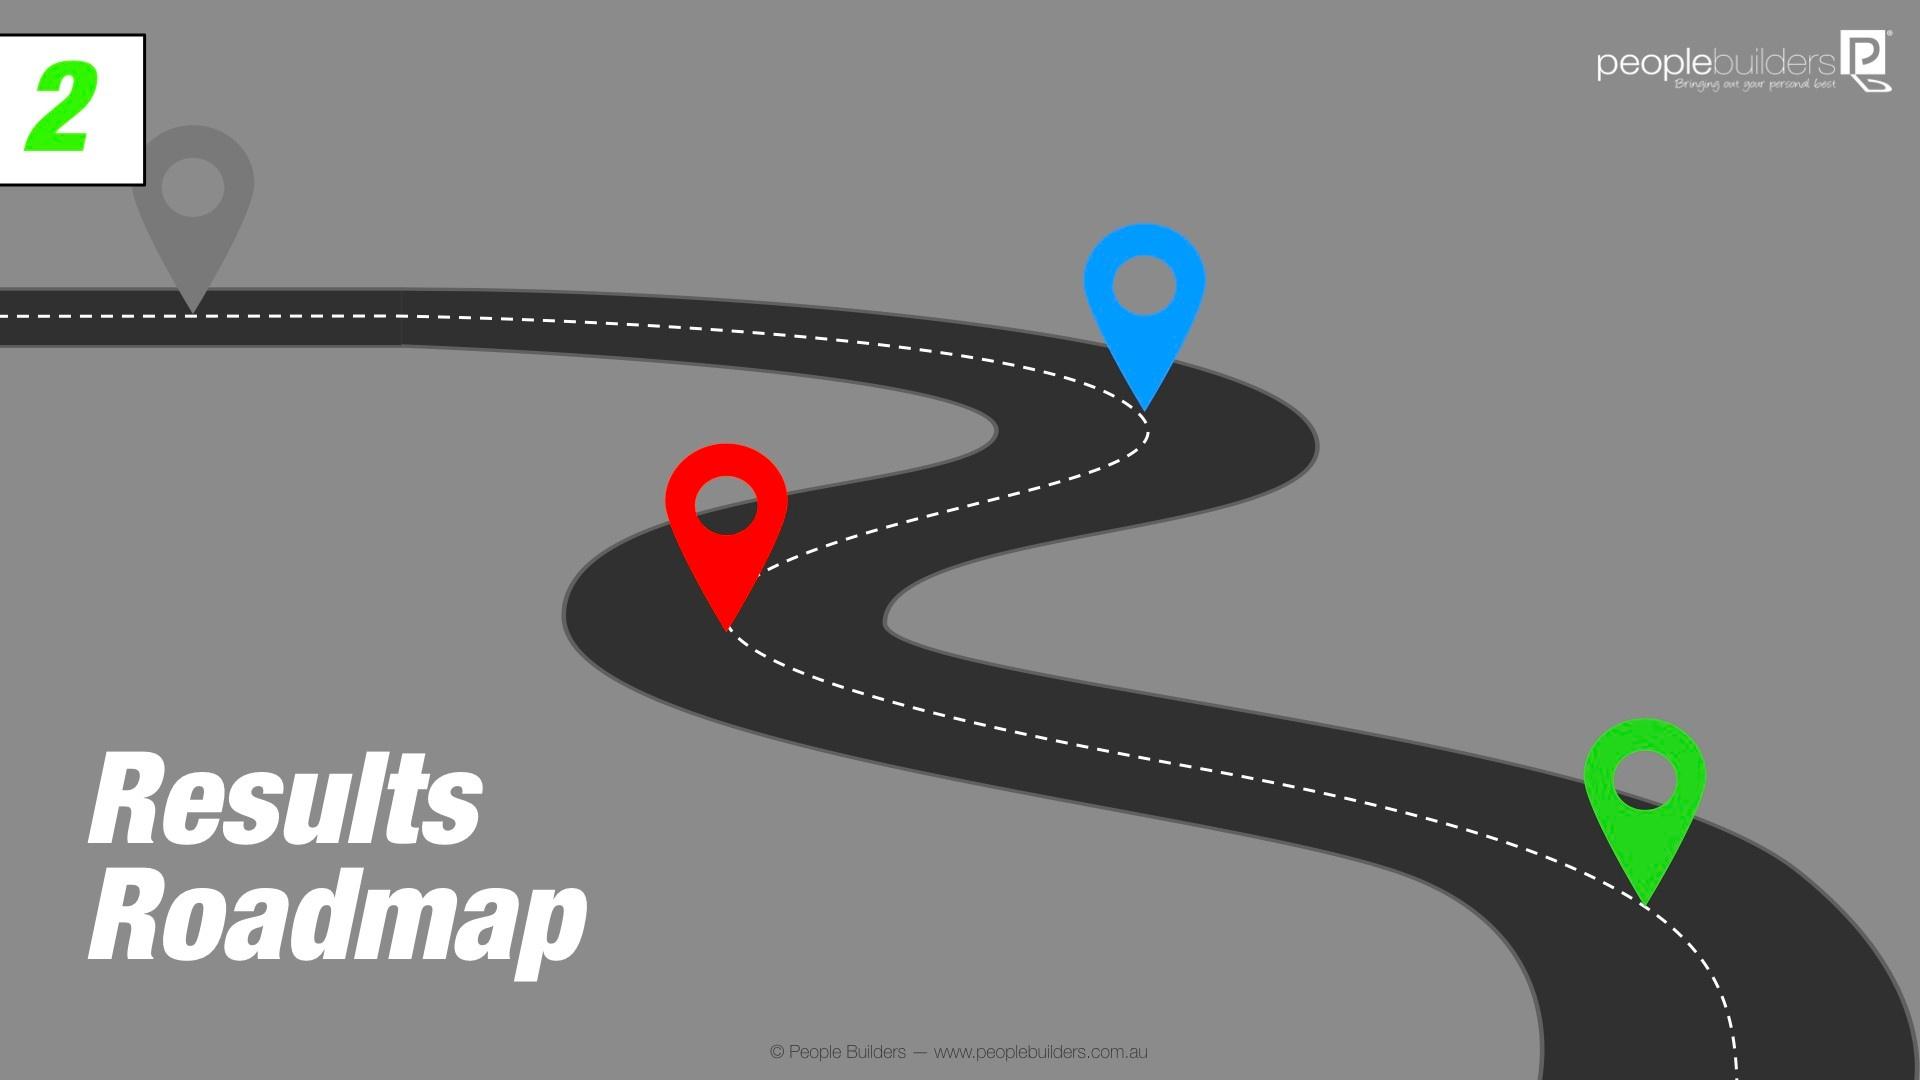 Results Roadmap